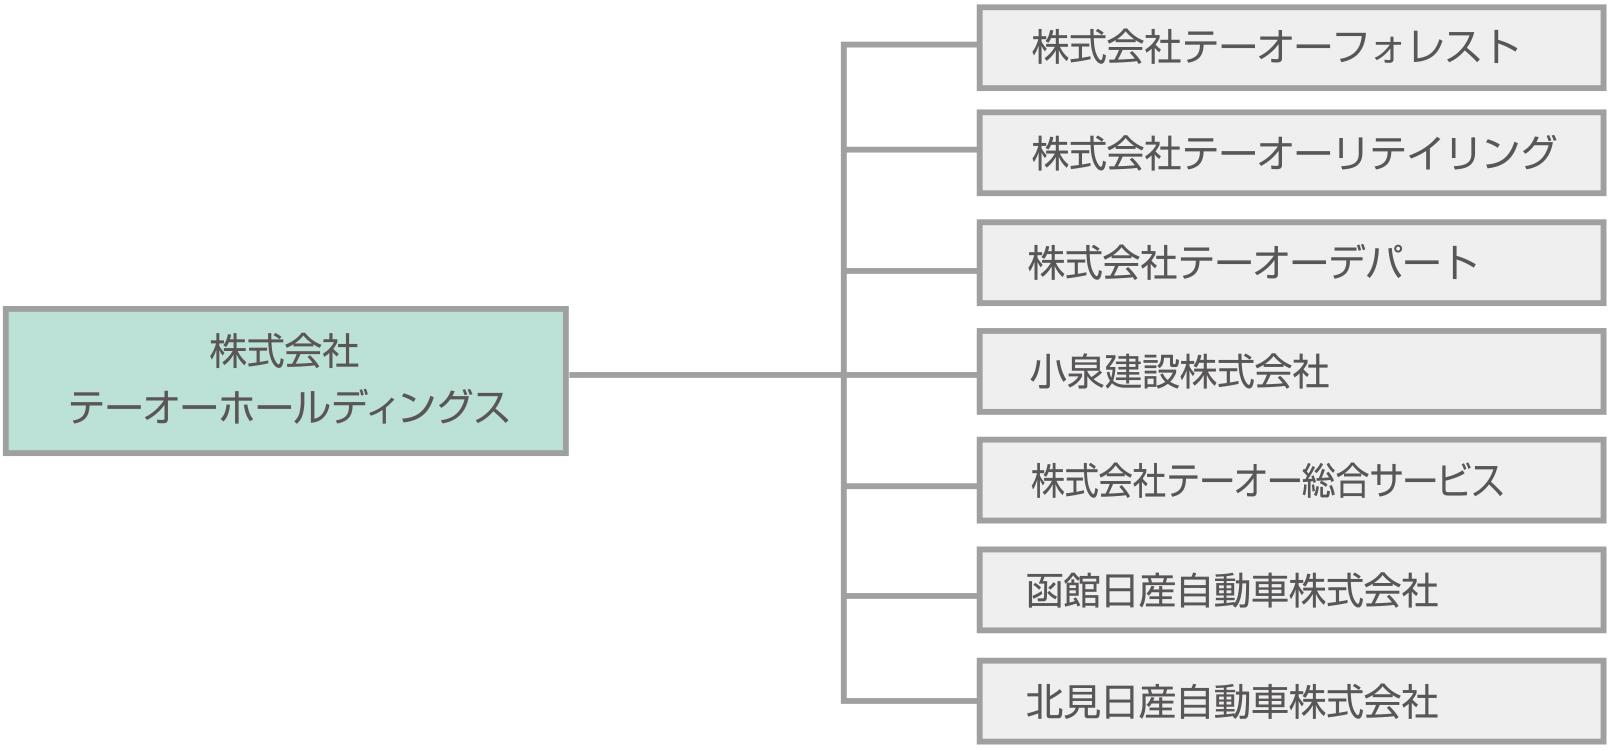 組織図(2018年6月現在)